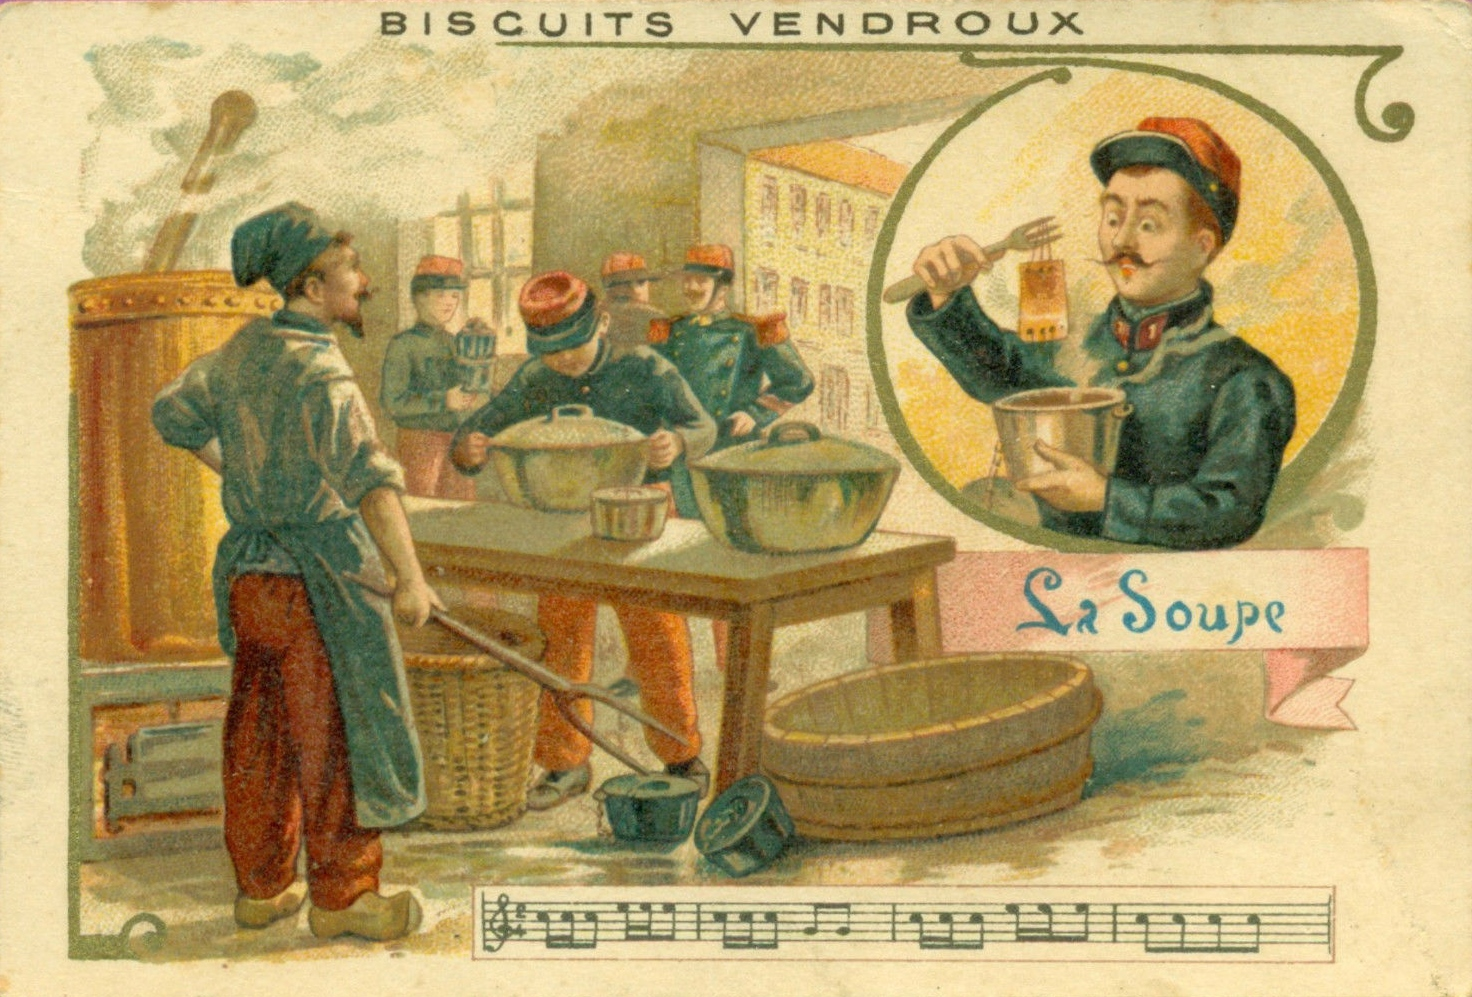 Calais pub vendroux la soupe militaire 14 18